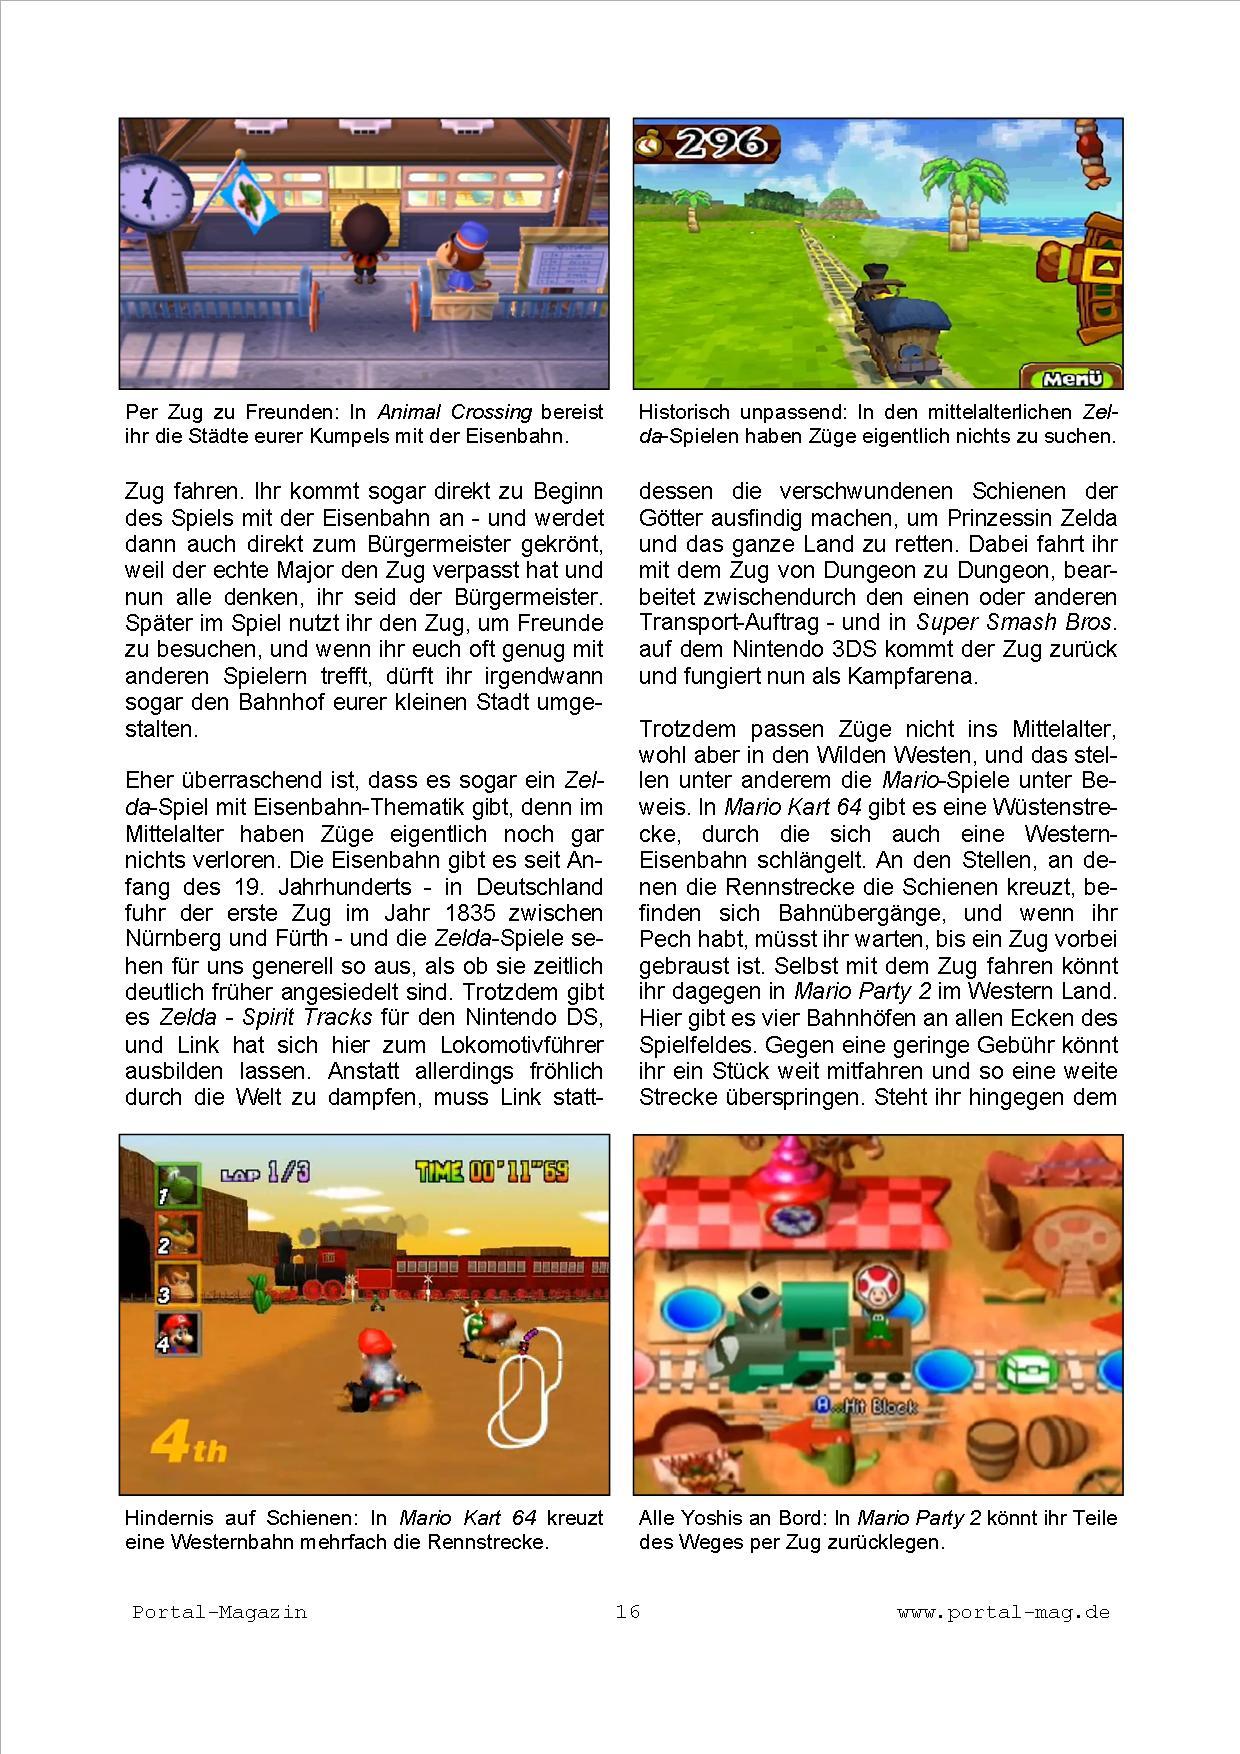 Ausgabe 30, Seite 16